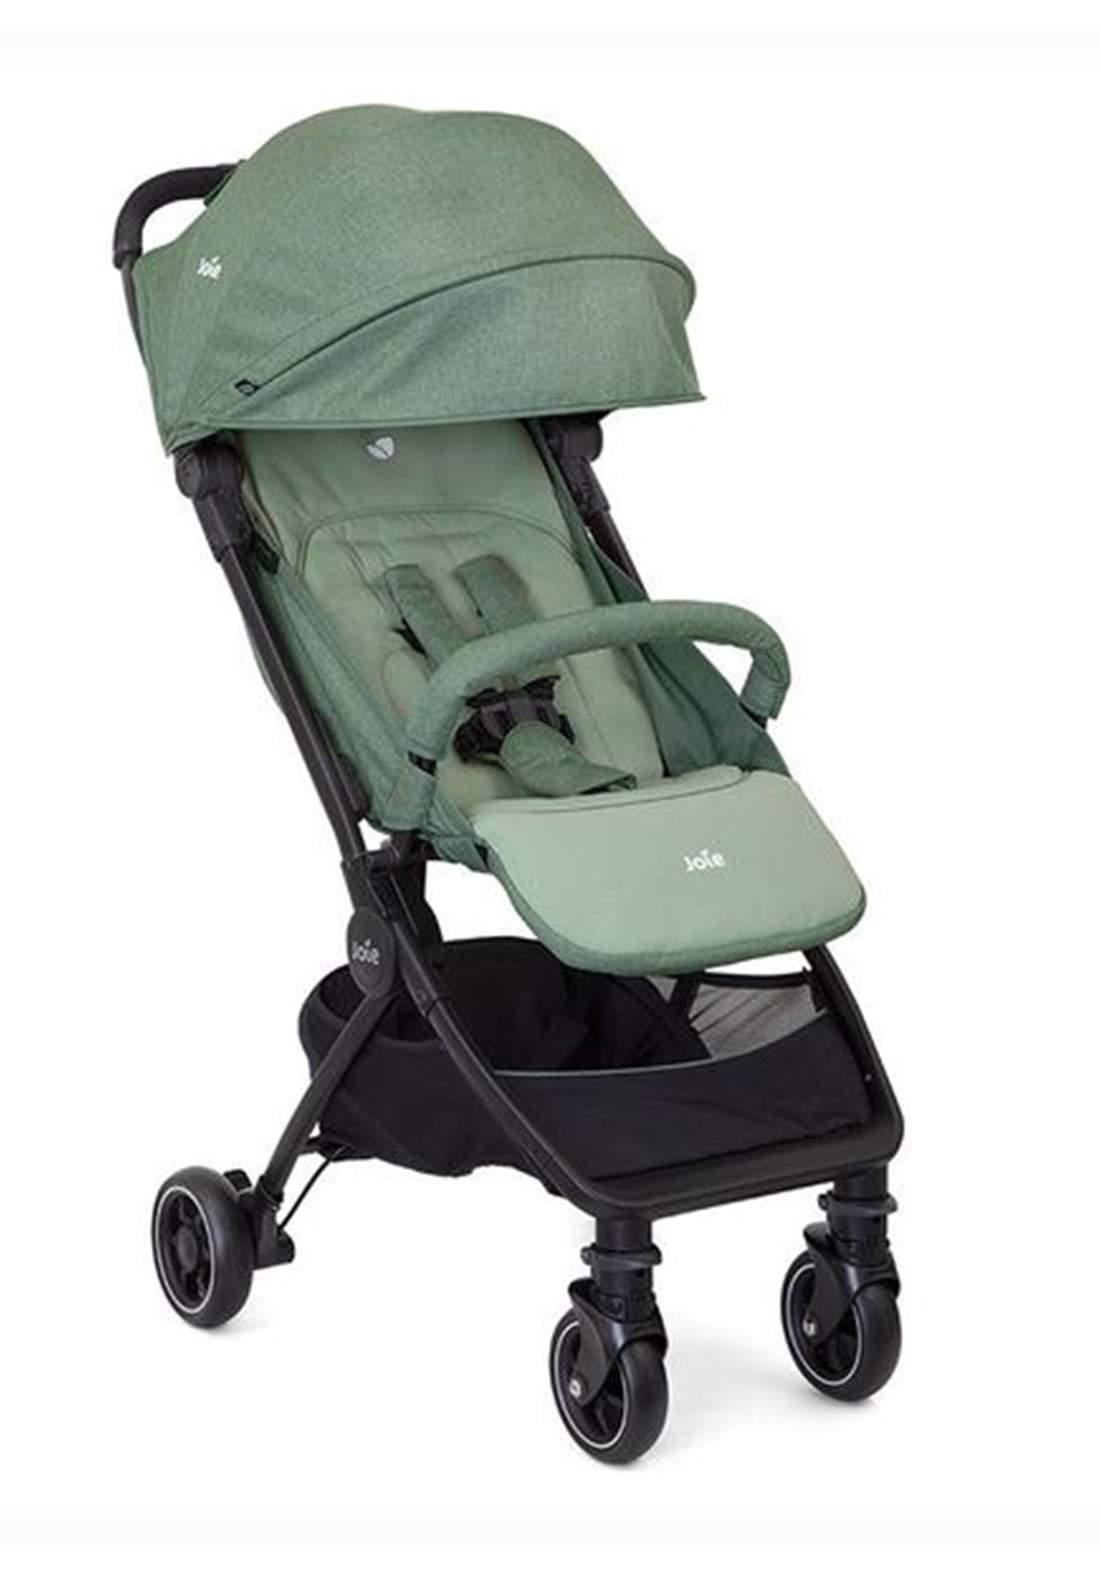 عربة اطفال 15 كغم Joie Baby S1601DALRL000 Baby Stroller